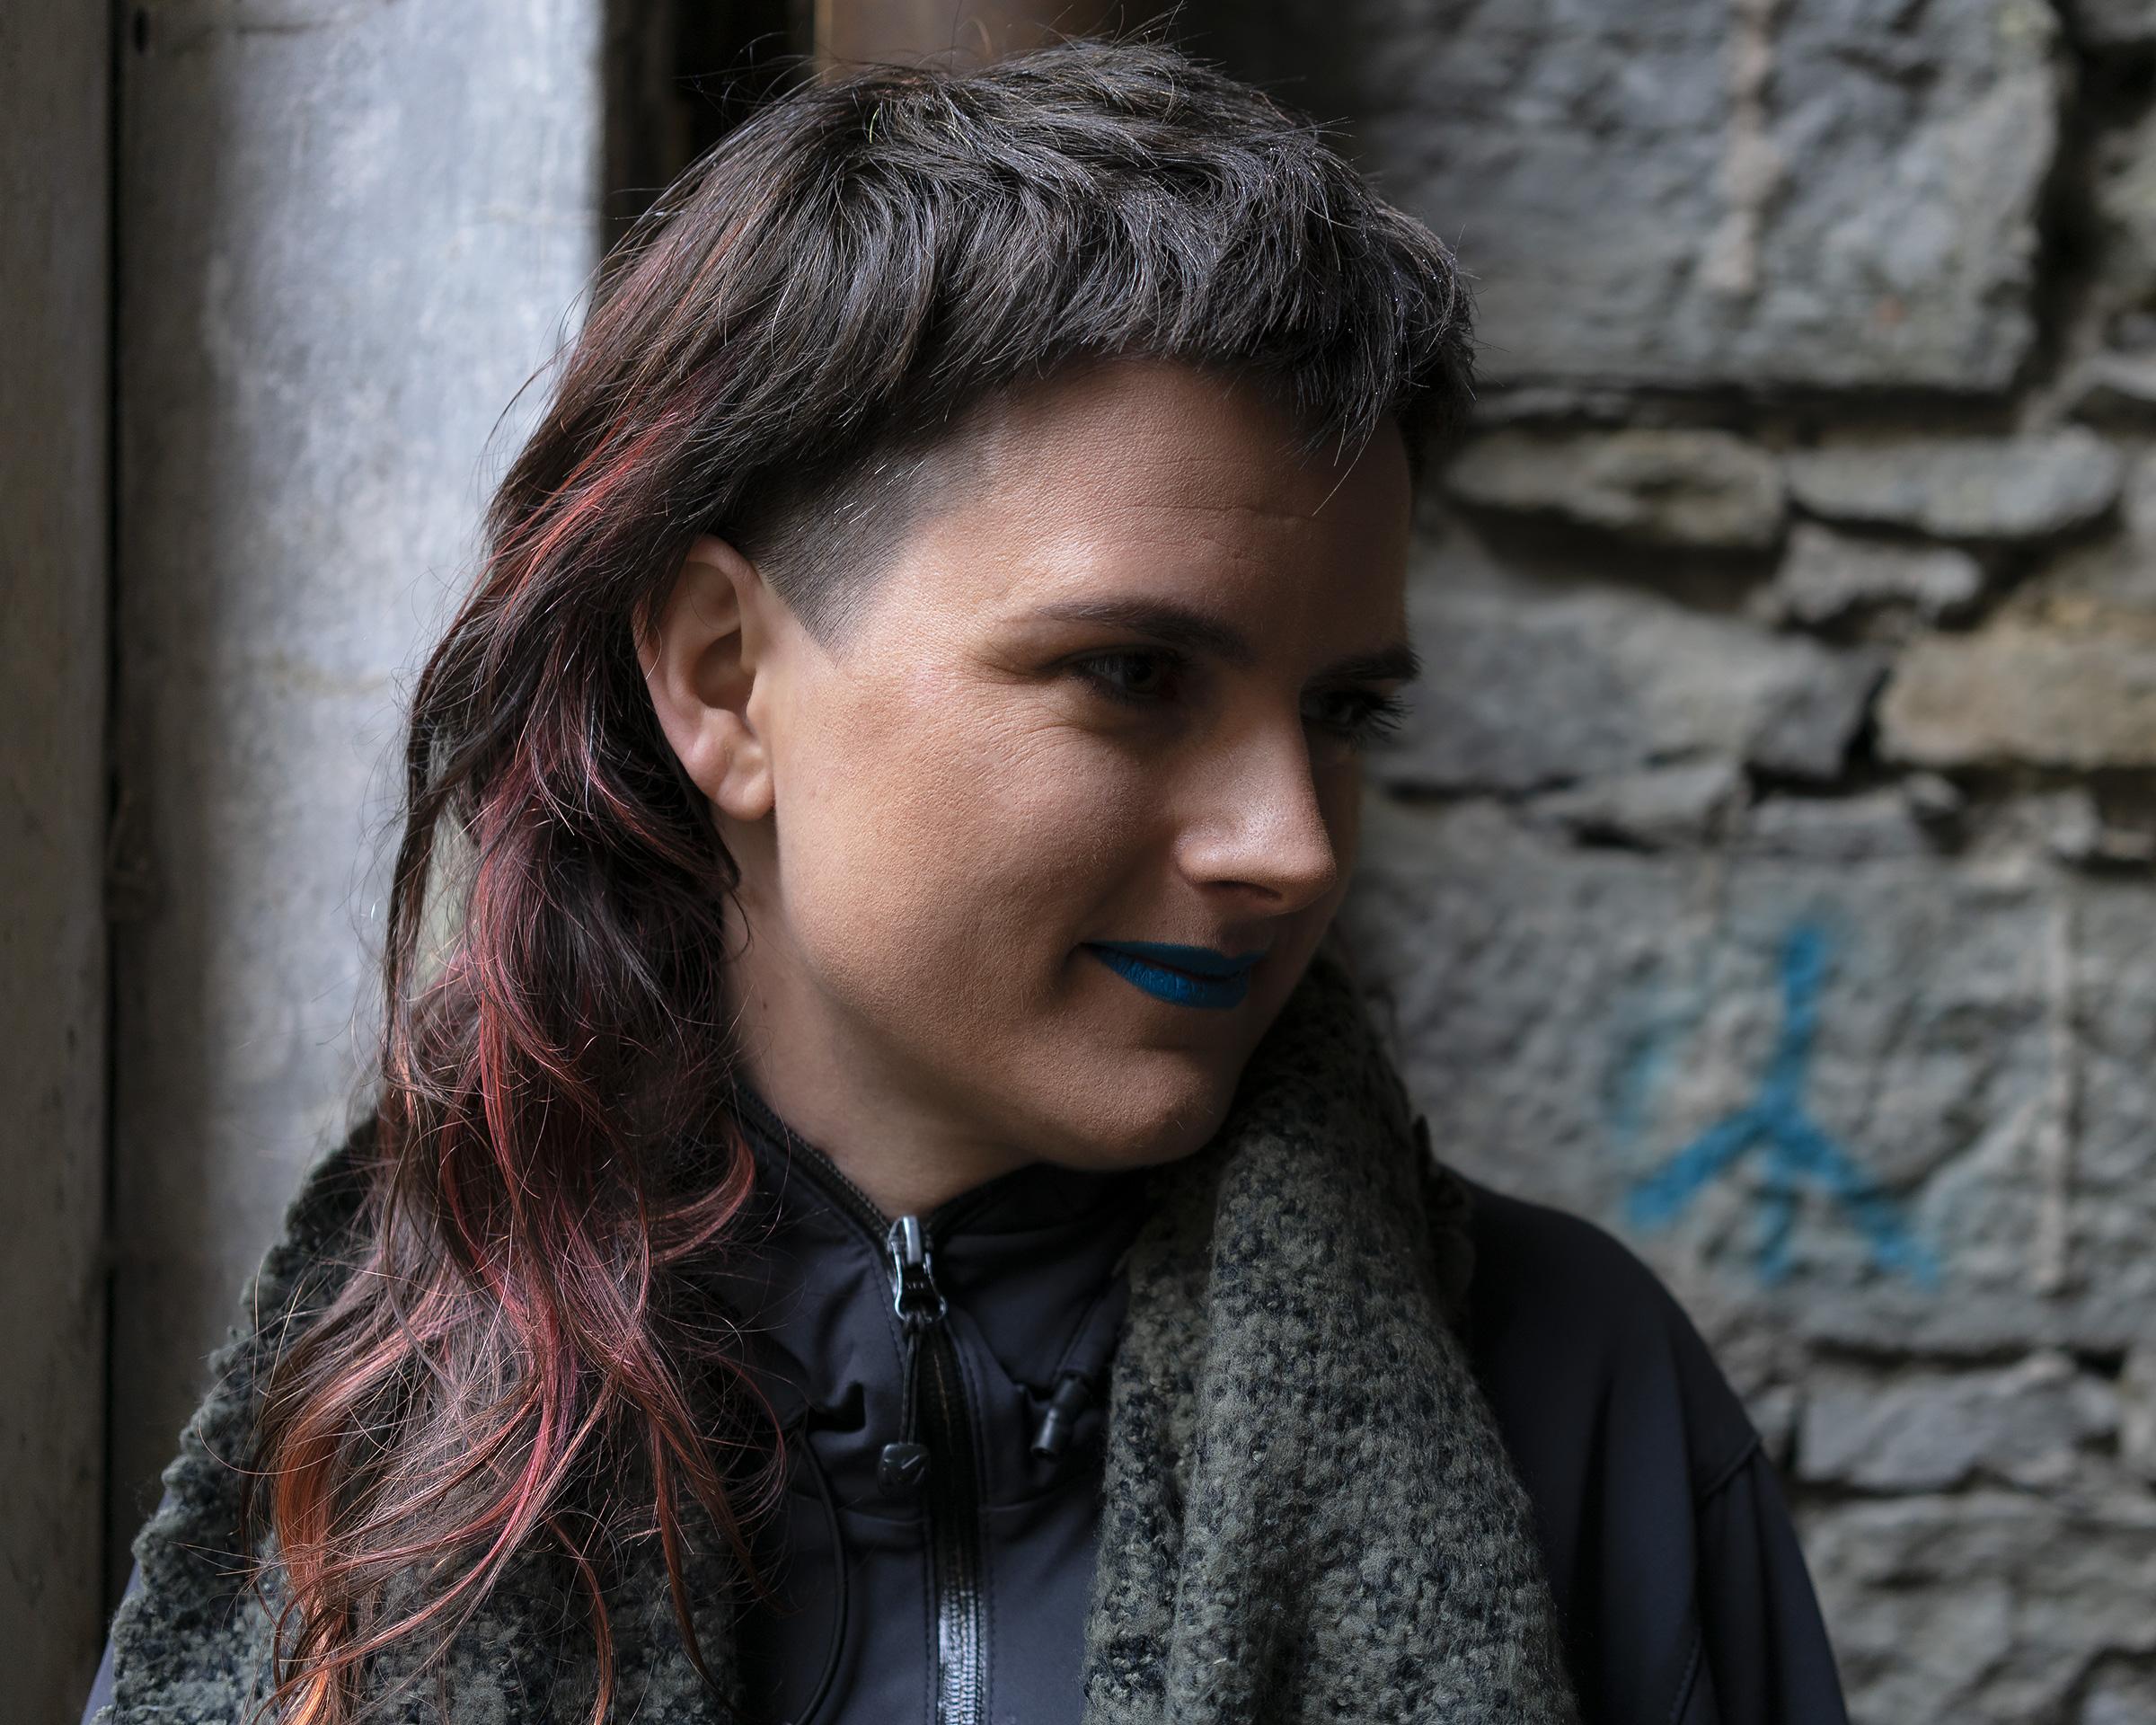 Stilbruch Haare - Make up, Zampatti Haar & Bart